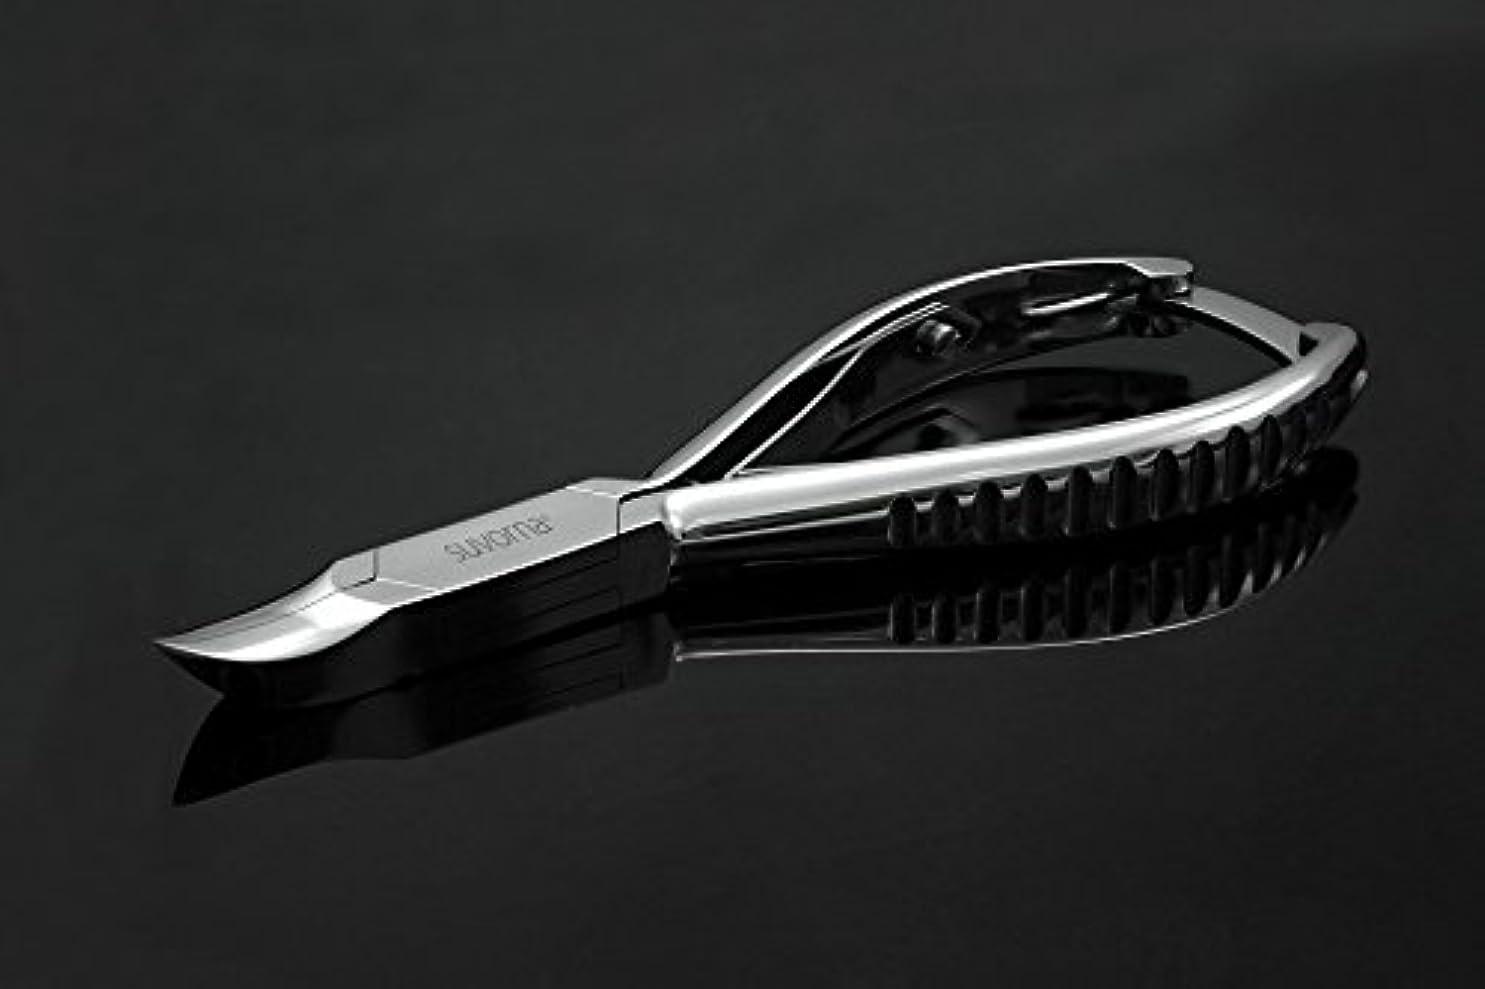 親指真鍮秘密のスヴォルナ プロ仕様 5.5インチ (14センチ) ペディキュア 分厚い足の爪 ニッパー 曲面顎 & バックロック 3109 (インポート)